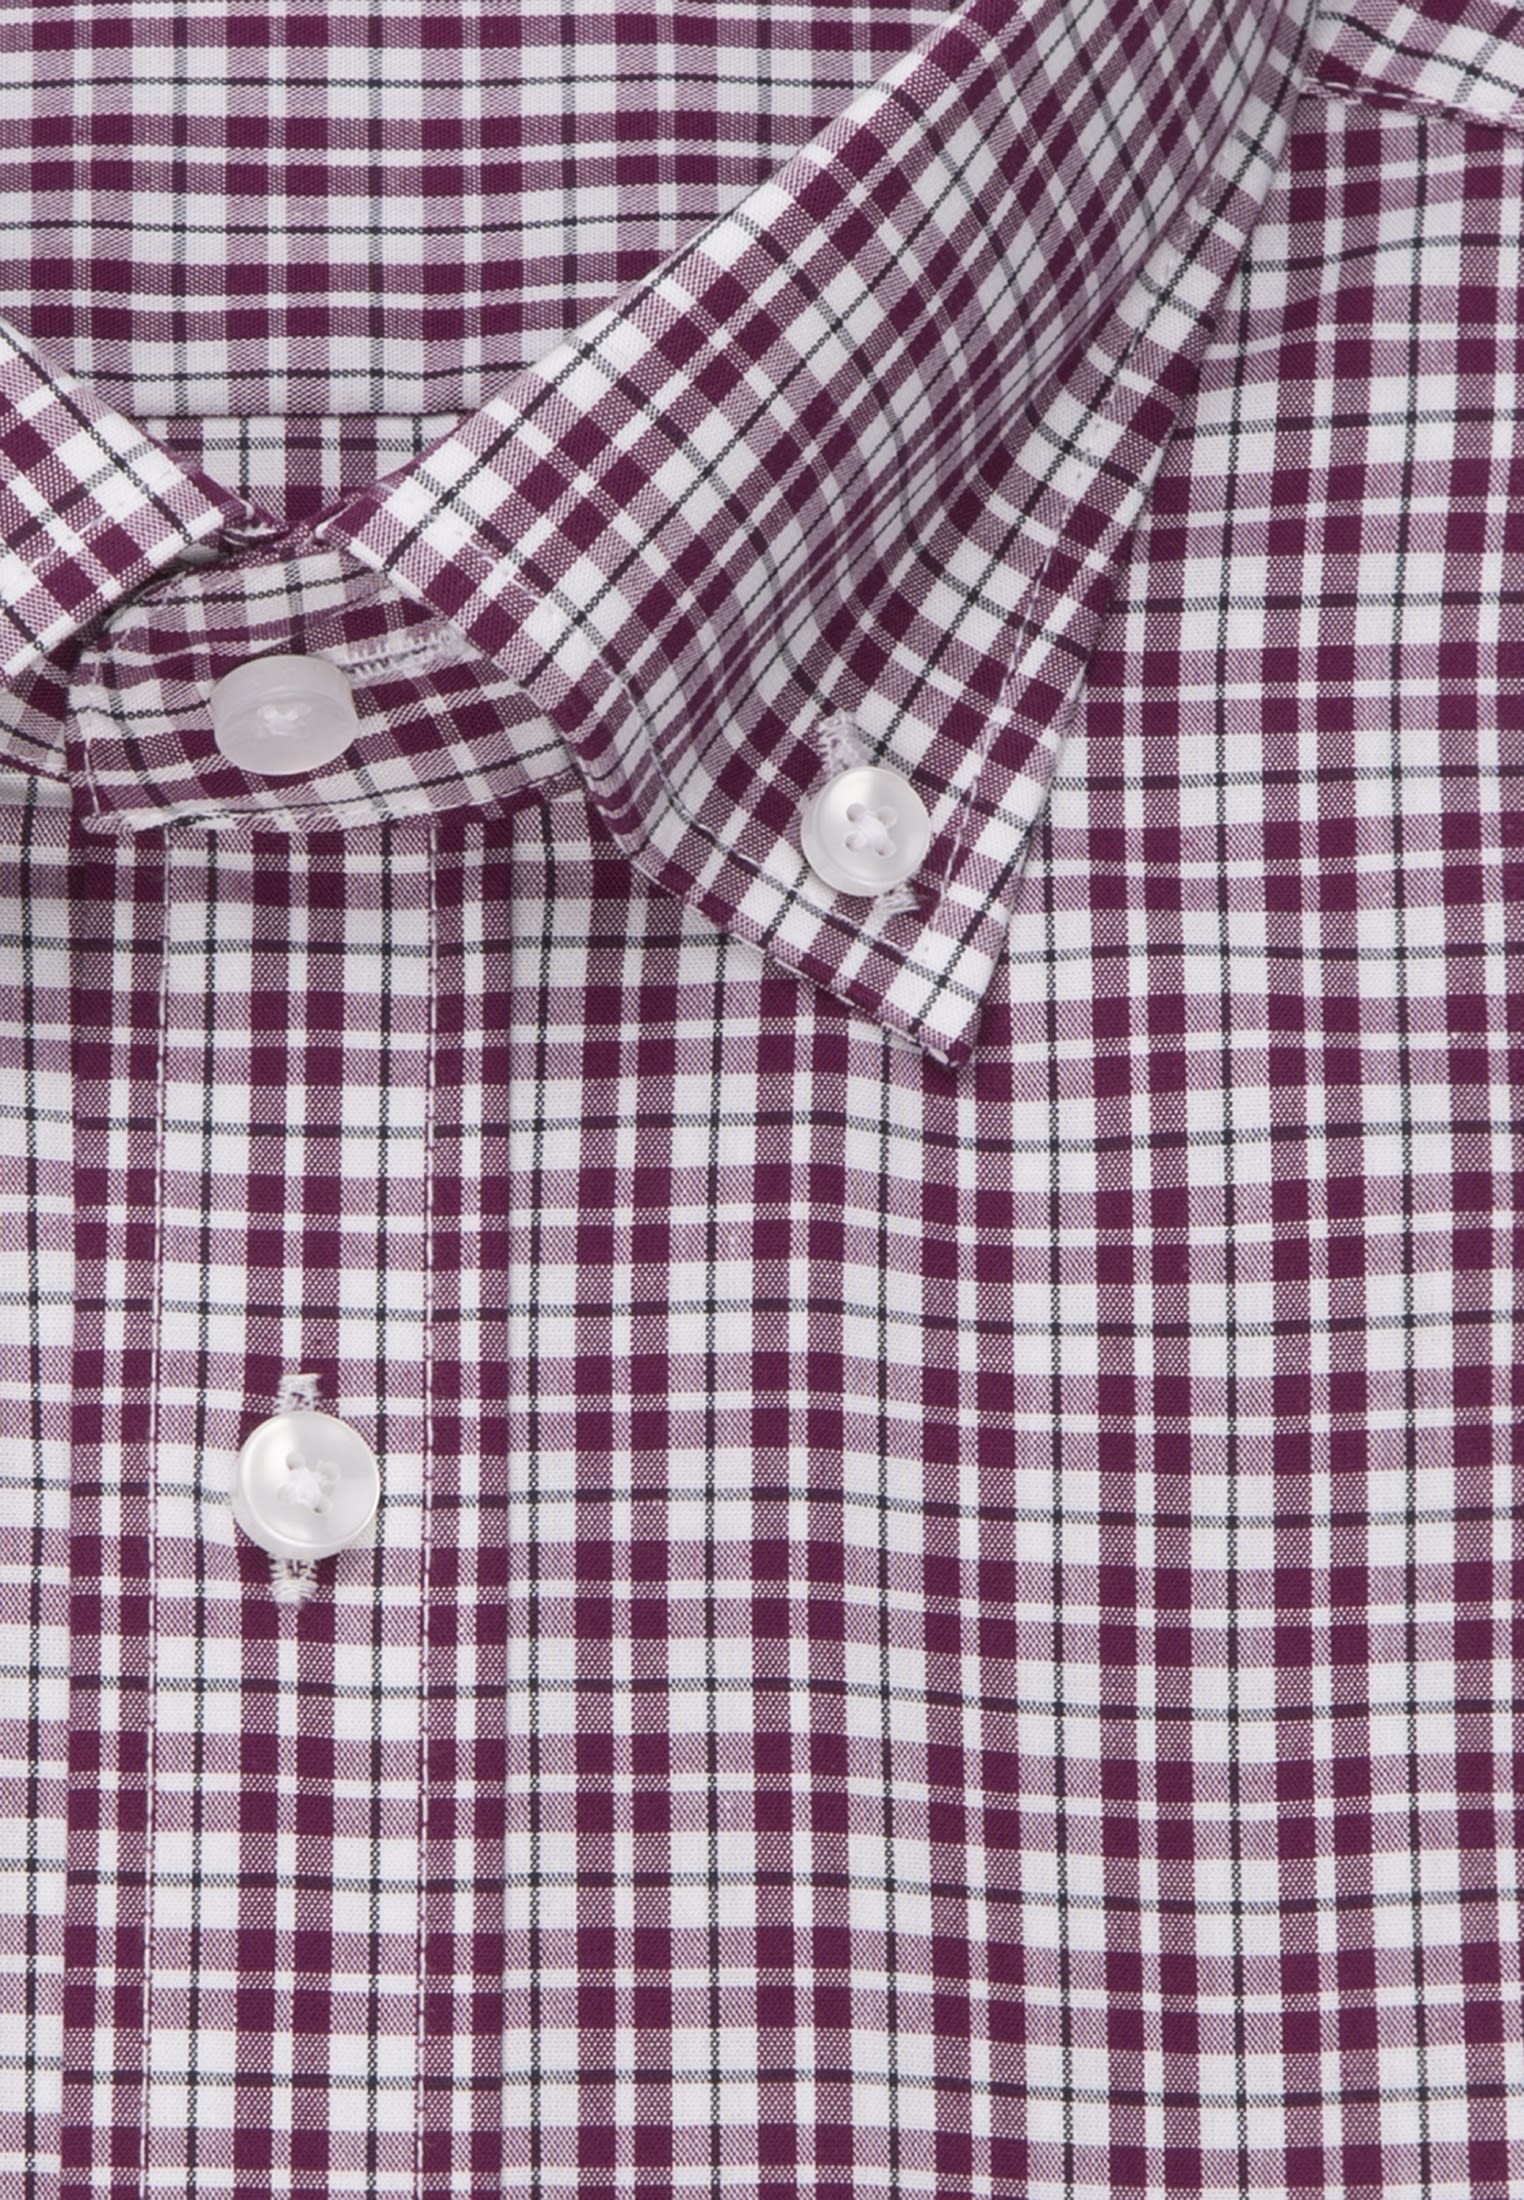 Bügelfreies Popeline Kurzarm Business Hemd in Regular mit Button-Down-Kragen in Lila |  Seidensticker Onlineshop